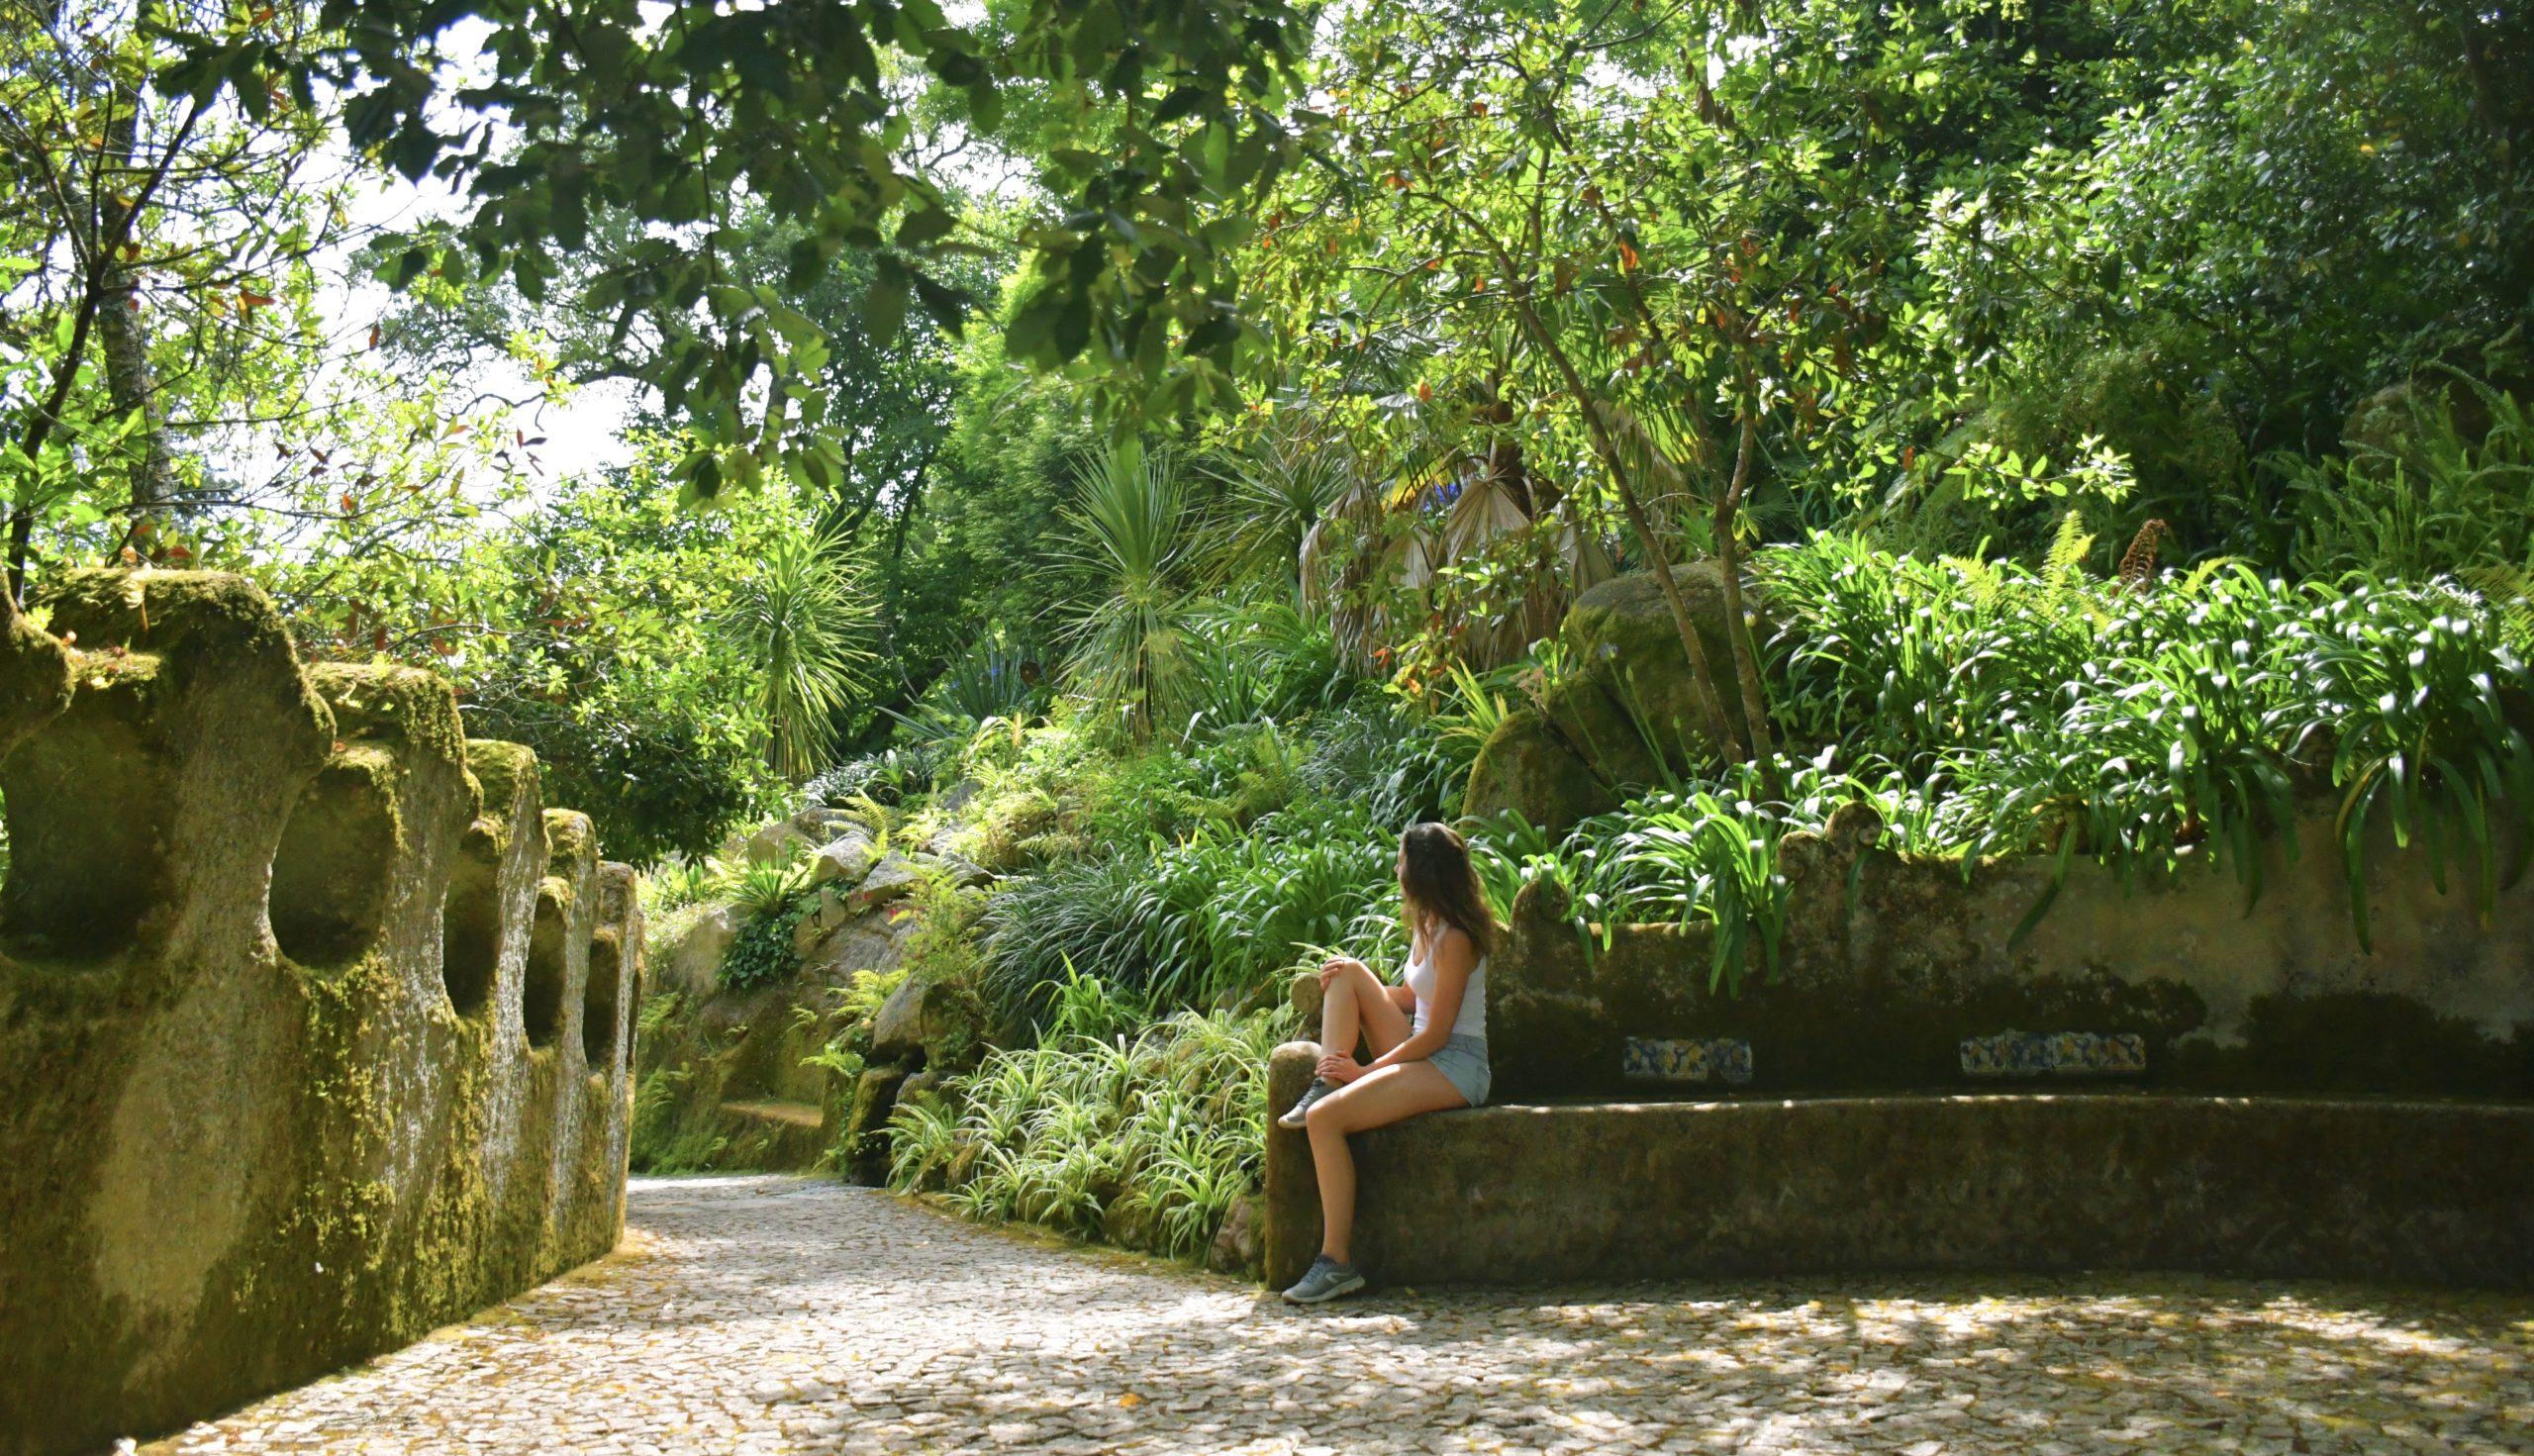 sintra_portugal_lisbonne_parc_nature_voyager_moins_cher